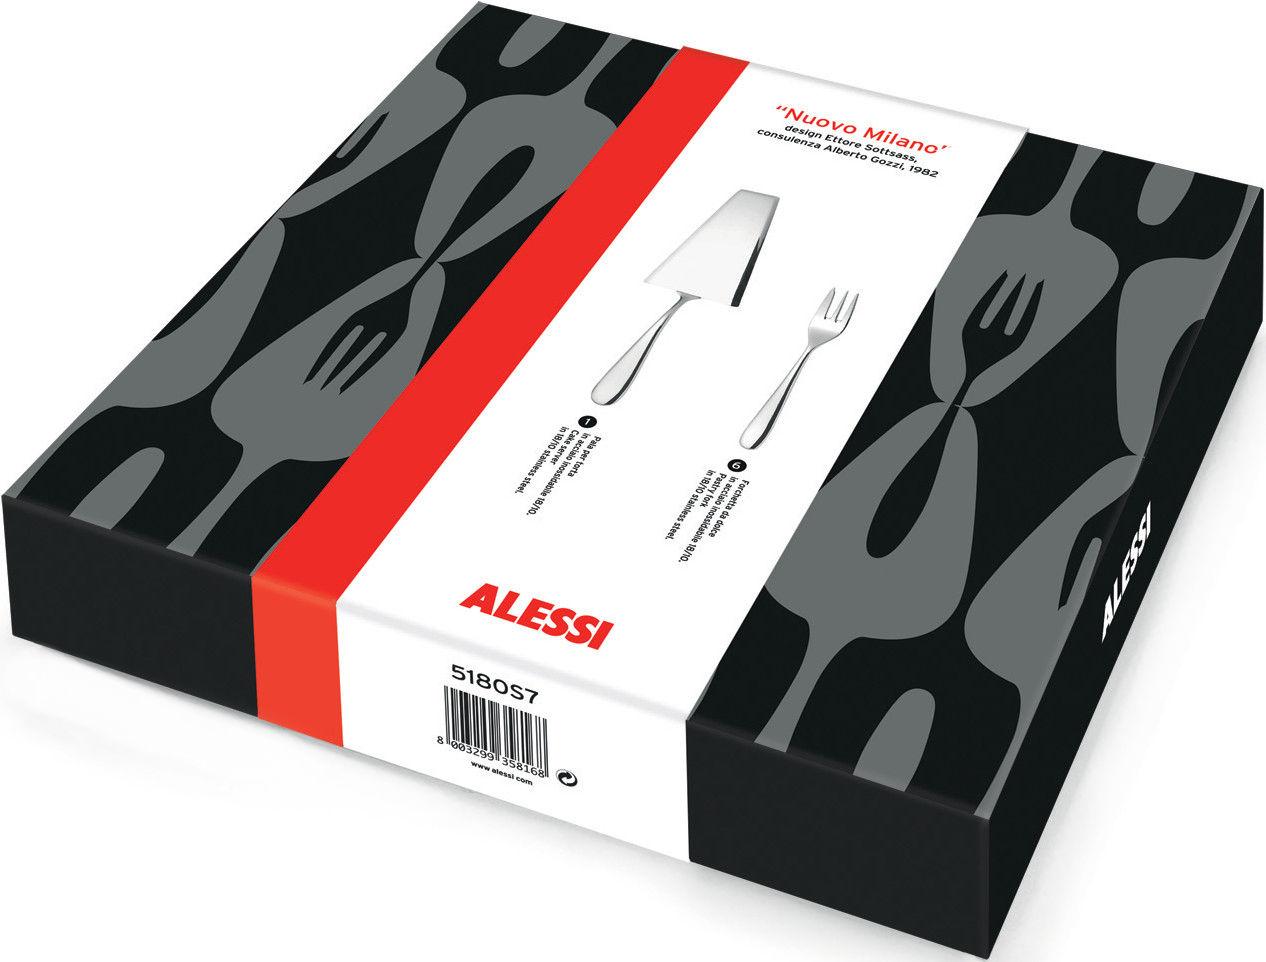 Arts de la table - Couverts de table - Set de couverts Nuovo Milano / Pelle à tarte + 6 fourchettes à gateaux - Alessi - Acier poli - Acier inoxydable poli